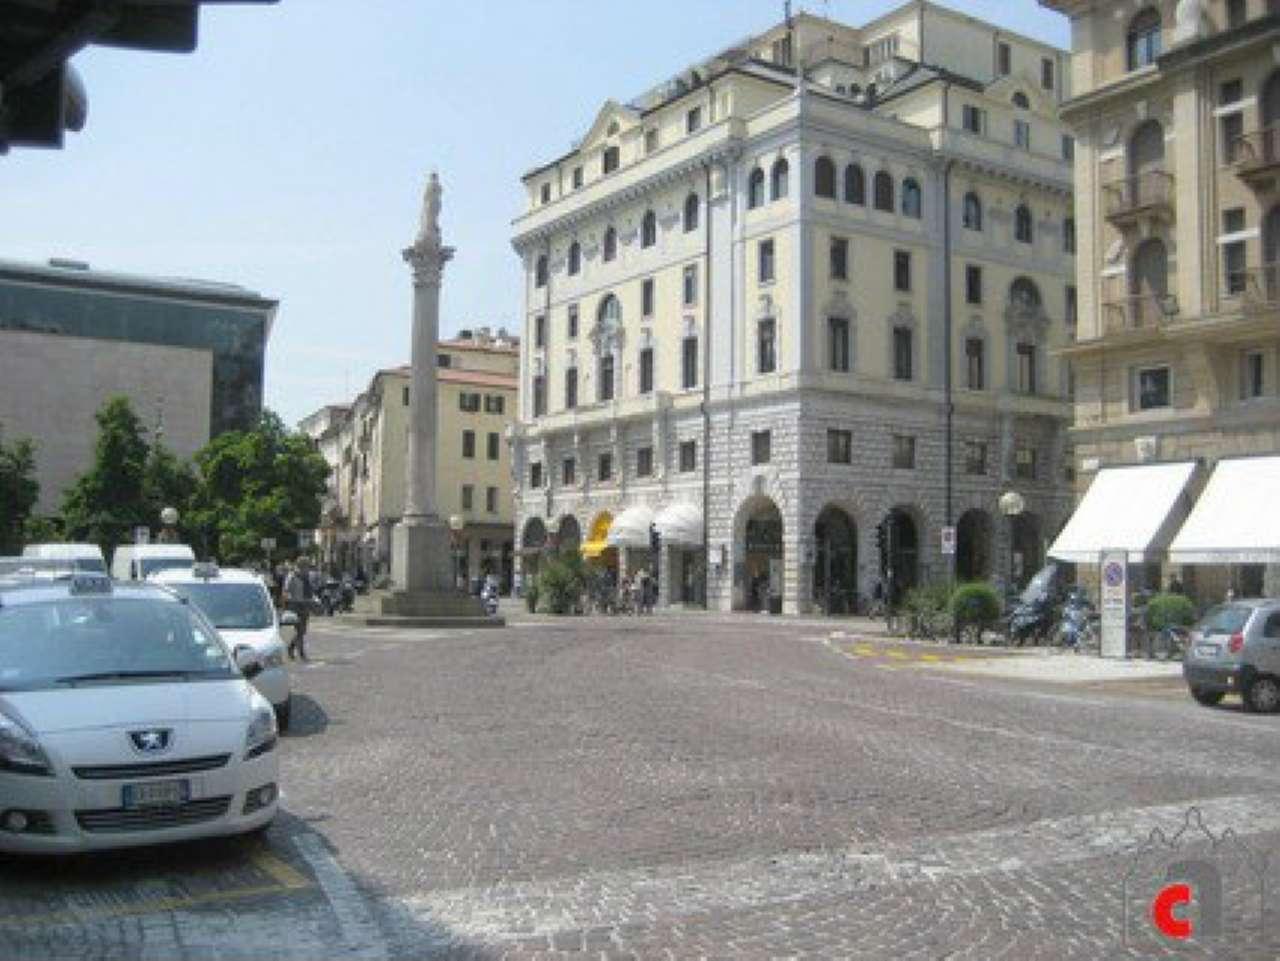 Appartamento in vendita a Padova, 4 locali, zona Zona: 1 . Centro, prezzo € 325.000 | CambioCasa.it